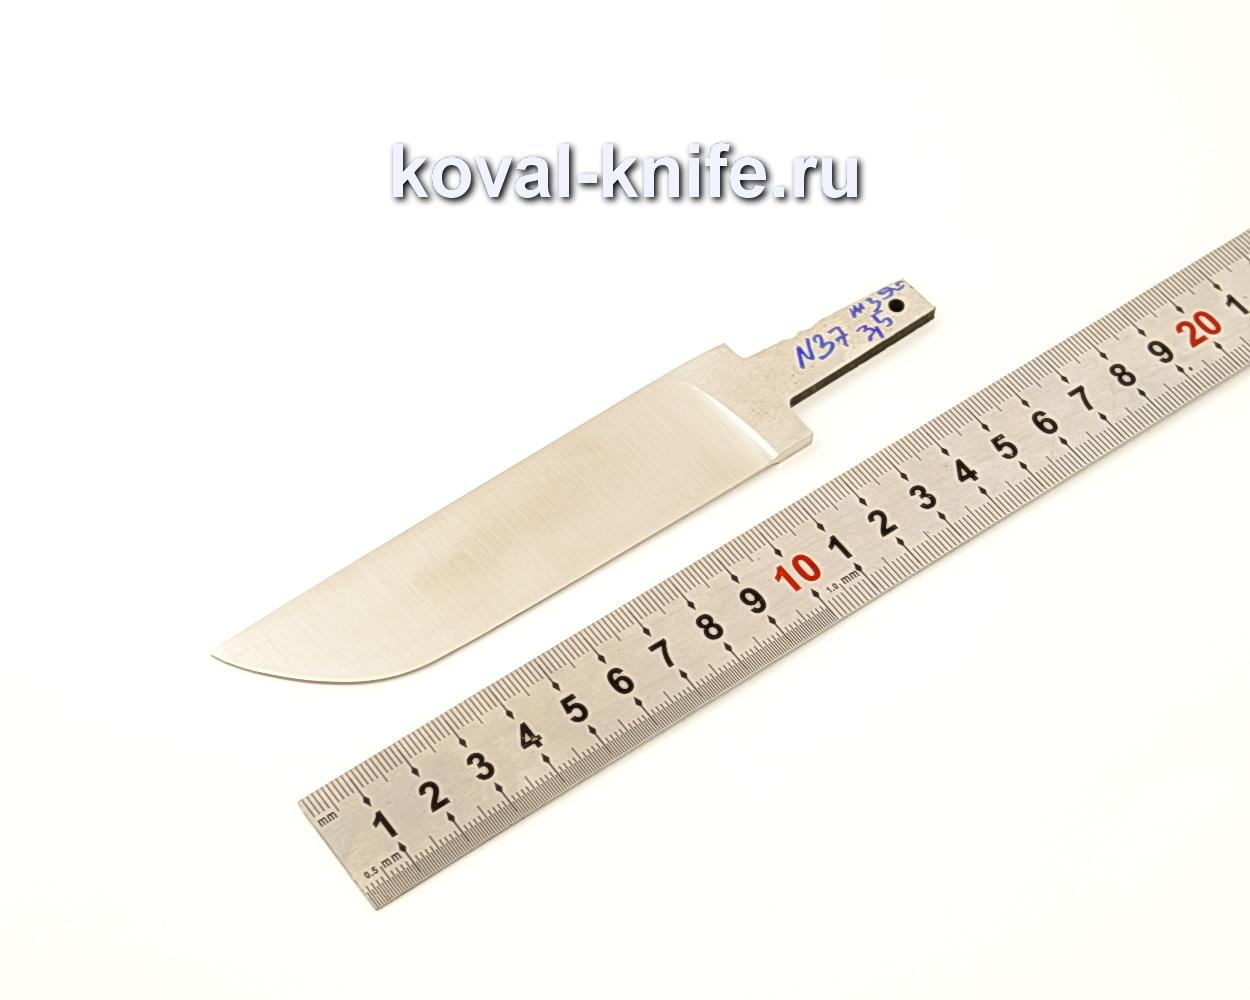 Клинок для ножа из порошковой стали Bohler M390 N37